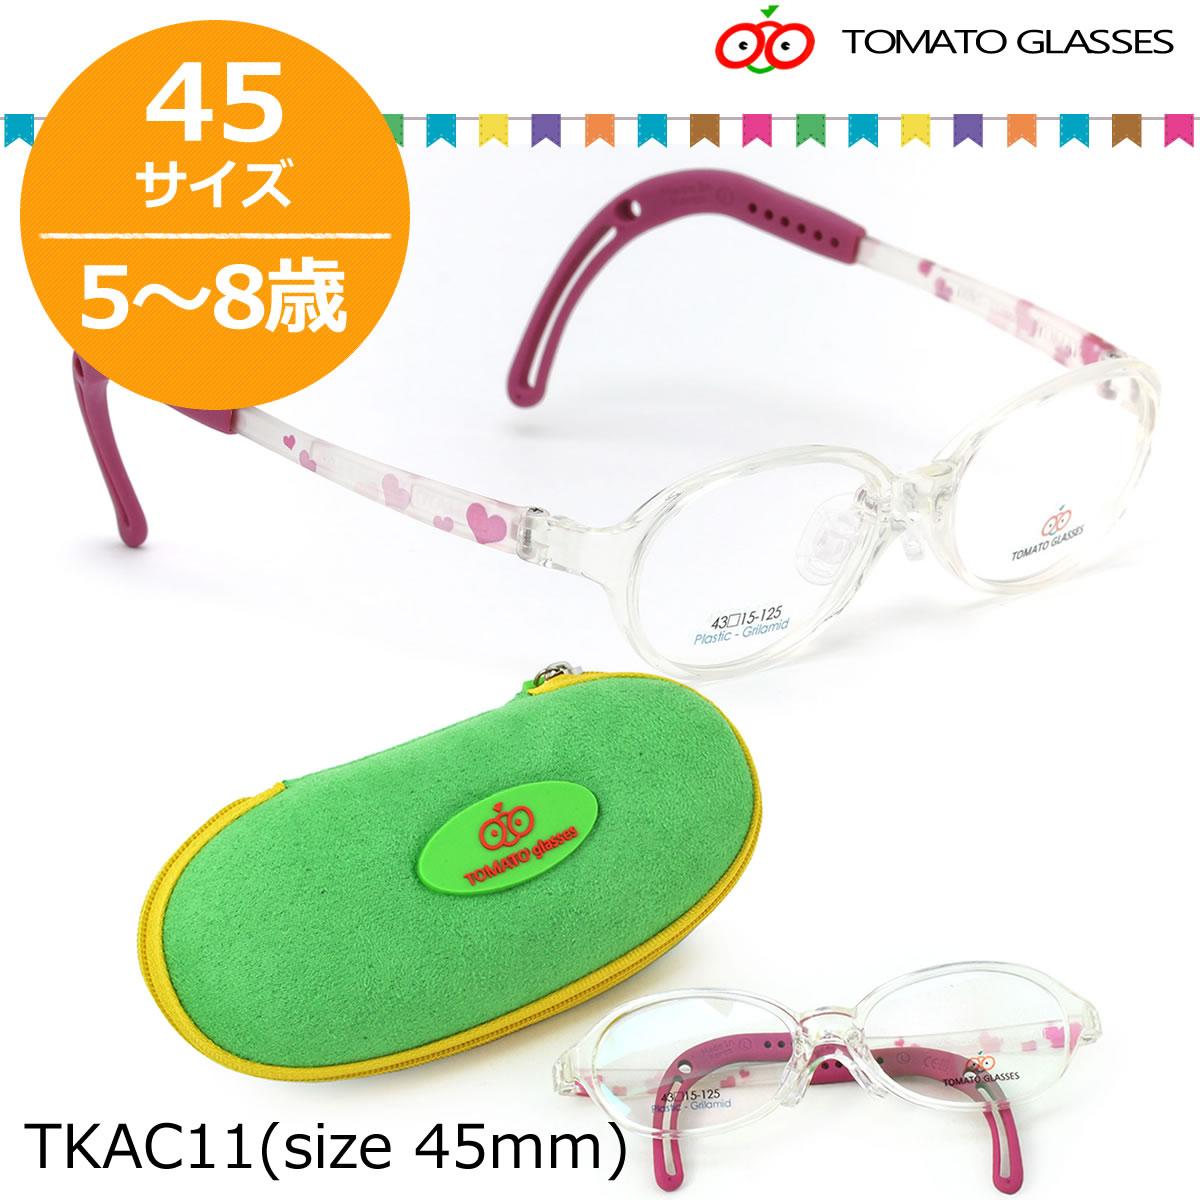 【10月30日からエントリーで全品ポイント20倍】【TOMATO GLASSES】(トマトグラッシーズ) キッズ用メガネ メガネ フレーム TKAC 11 45サイズ オシャレ おしゃれ おすすめ 可愛い 安全 安心 キッズA 軽量 柔らかい 5歳~8歳 トマトグラッシーズ TOMATO GLASSES …